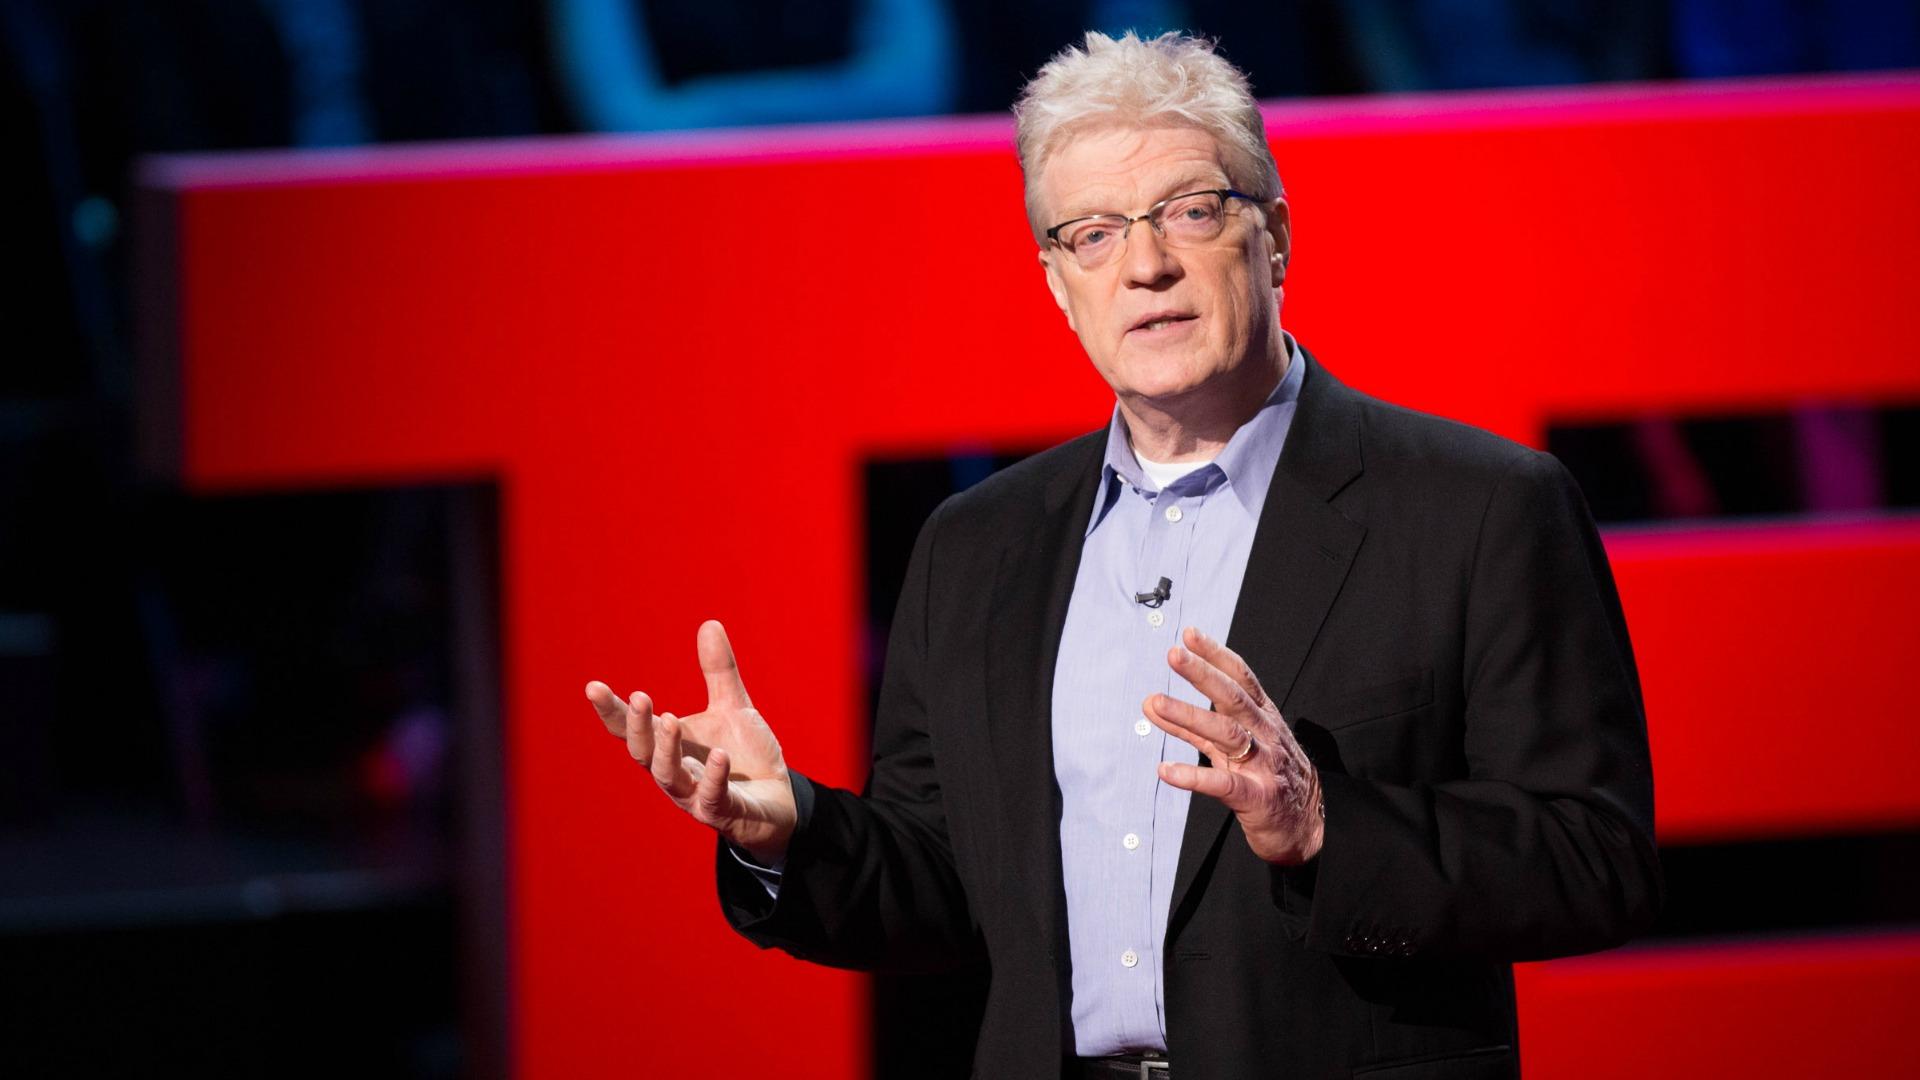 Zašto škole ubijaju kreativnost: Ken Robinson o revoluciji obrazovanja!